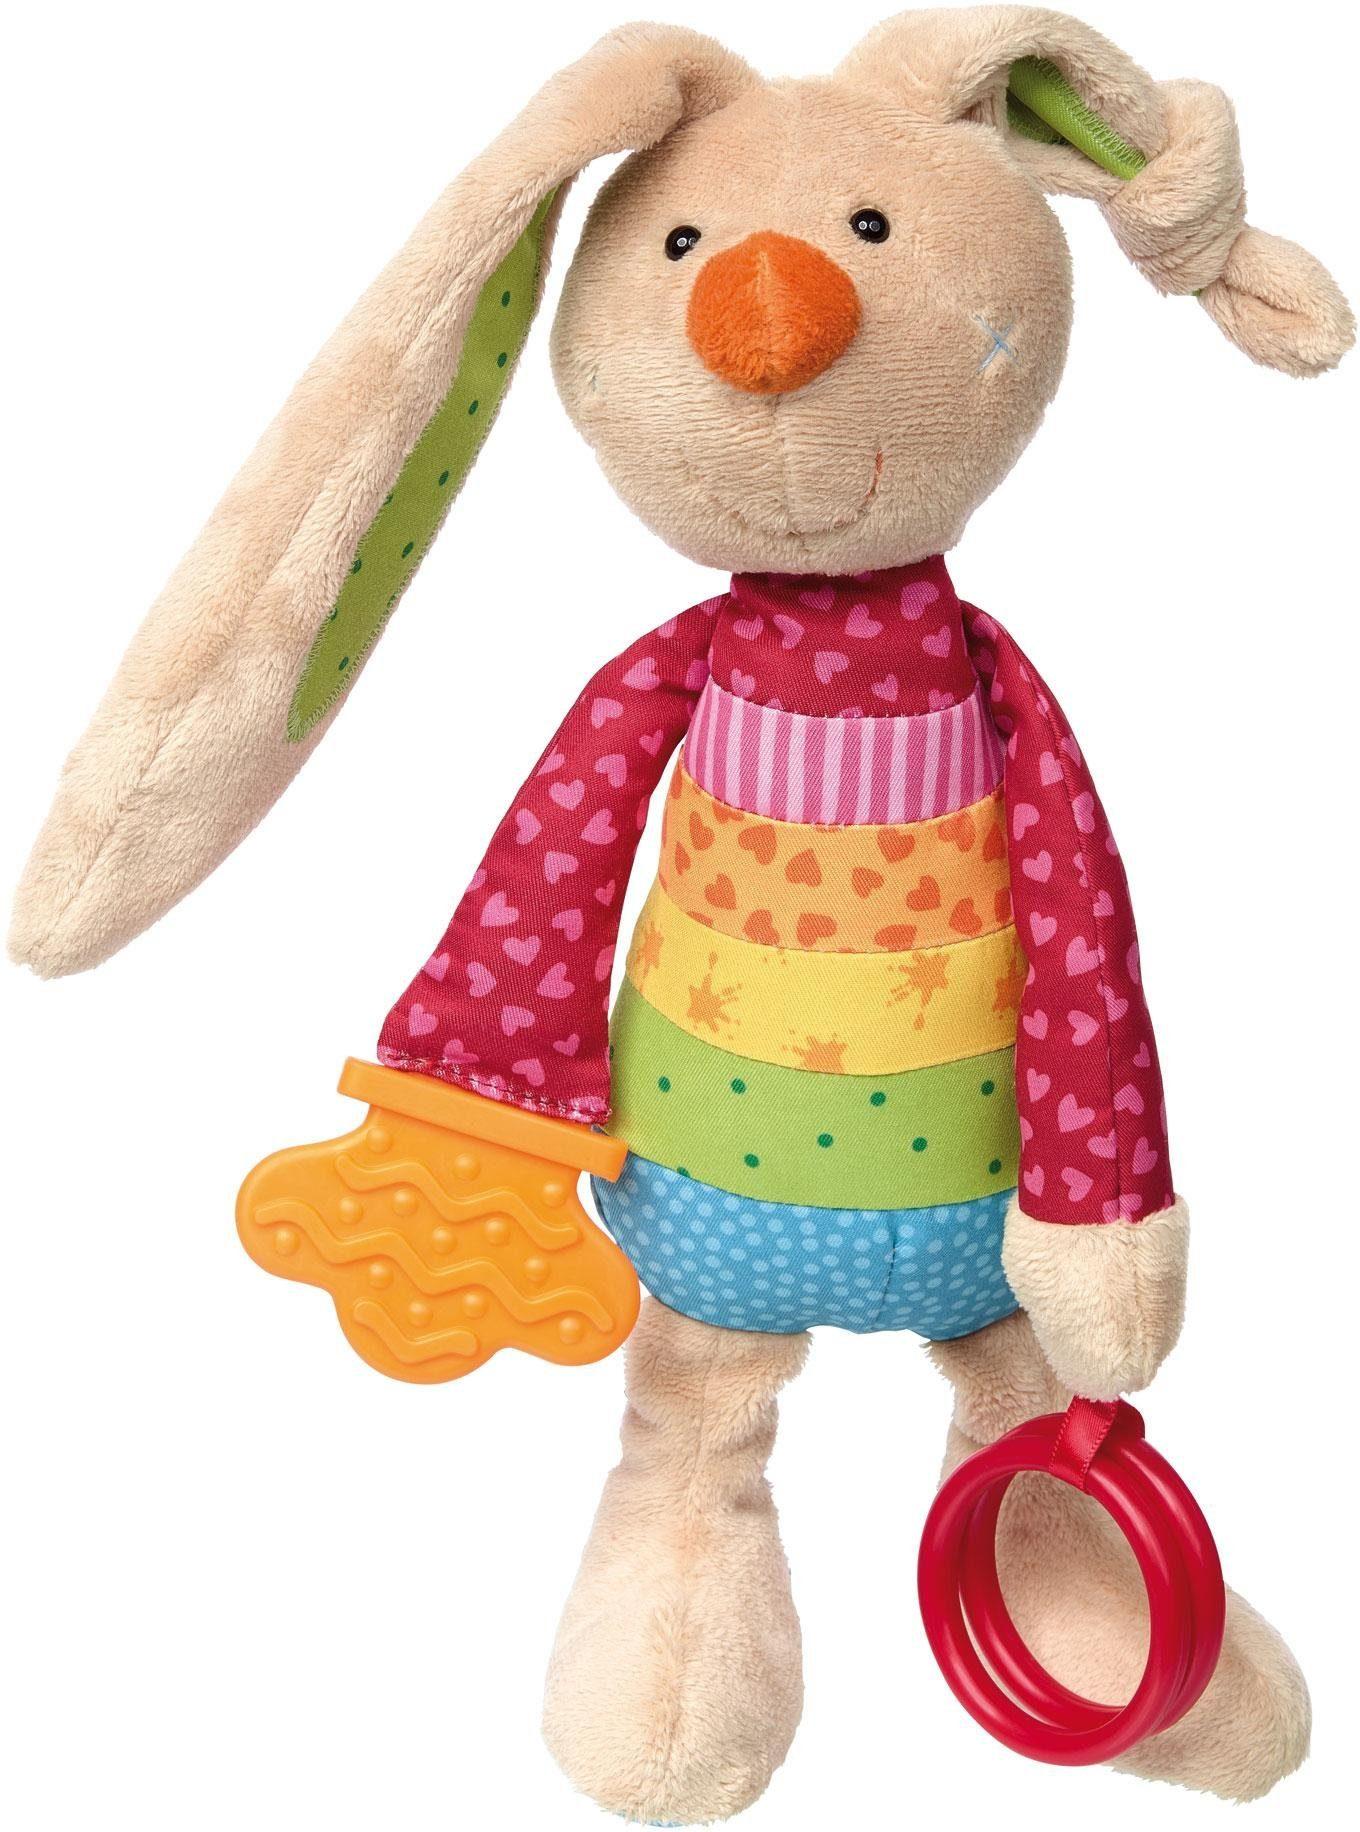 sigikid® Plüschtier Hase, »Multi Tier, Rainbow Rabbit«